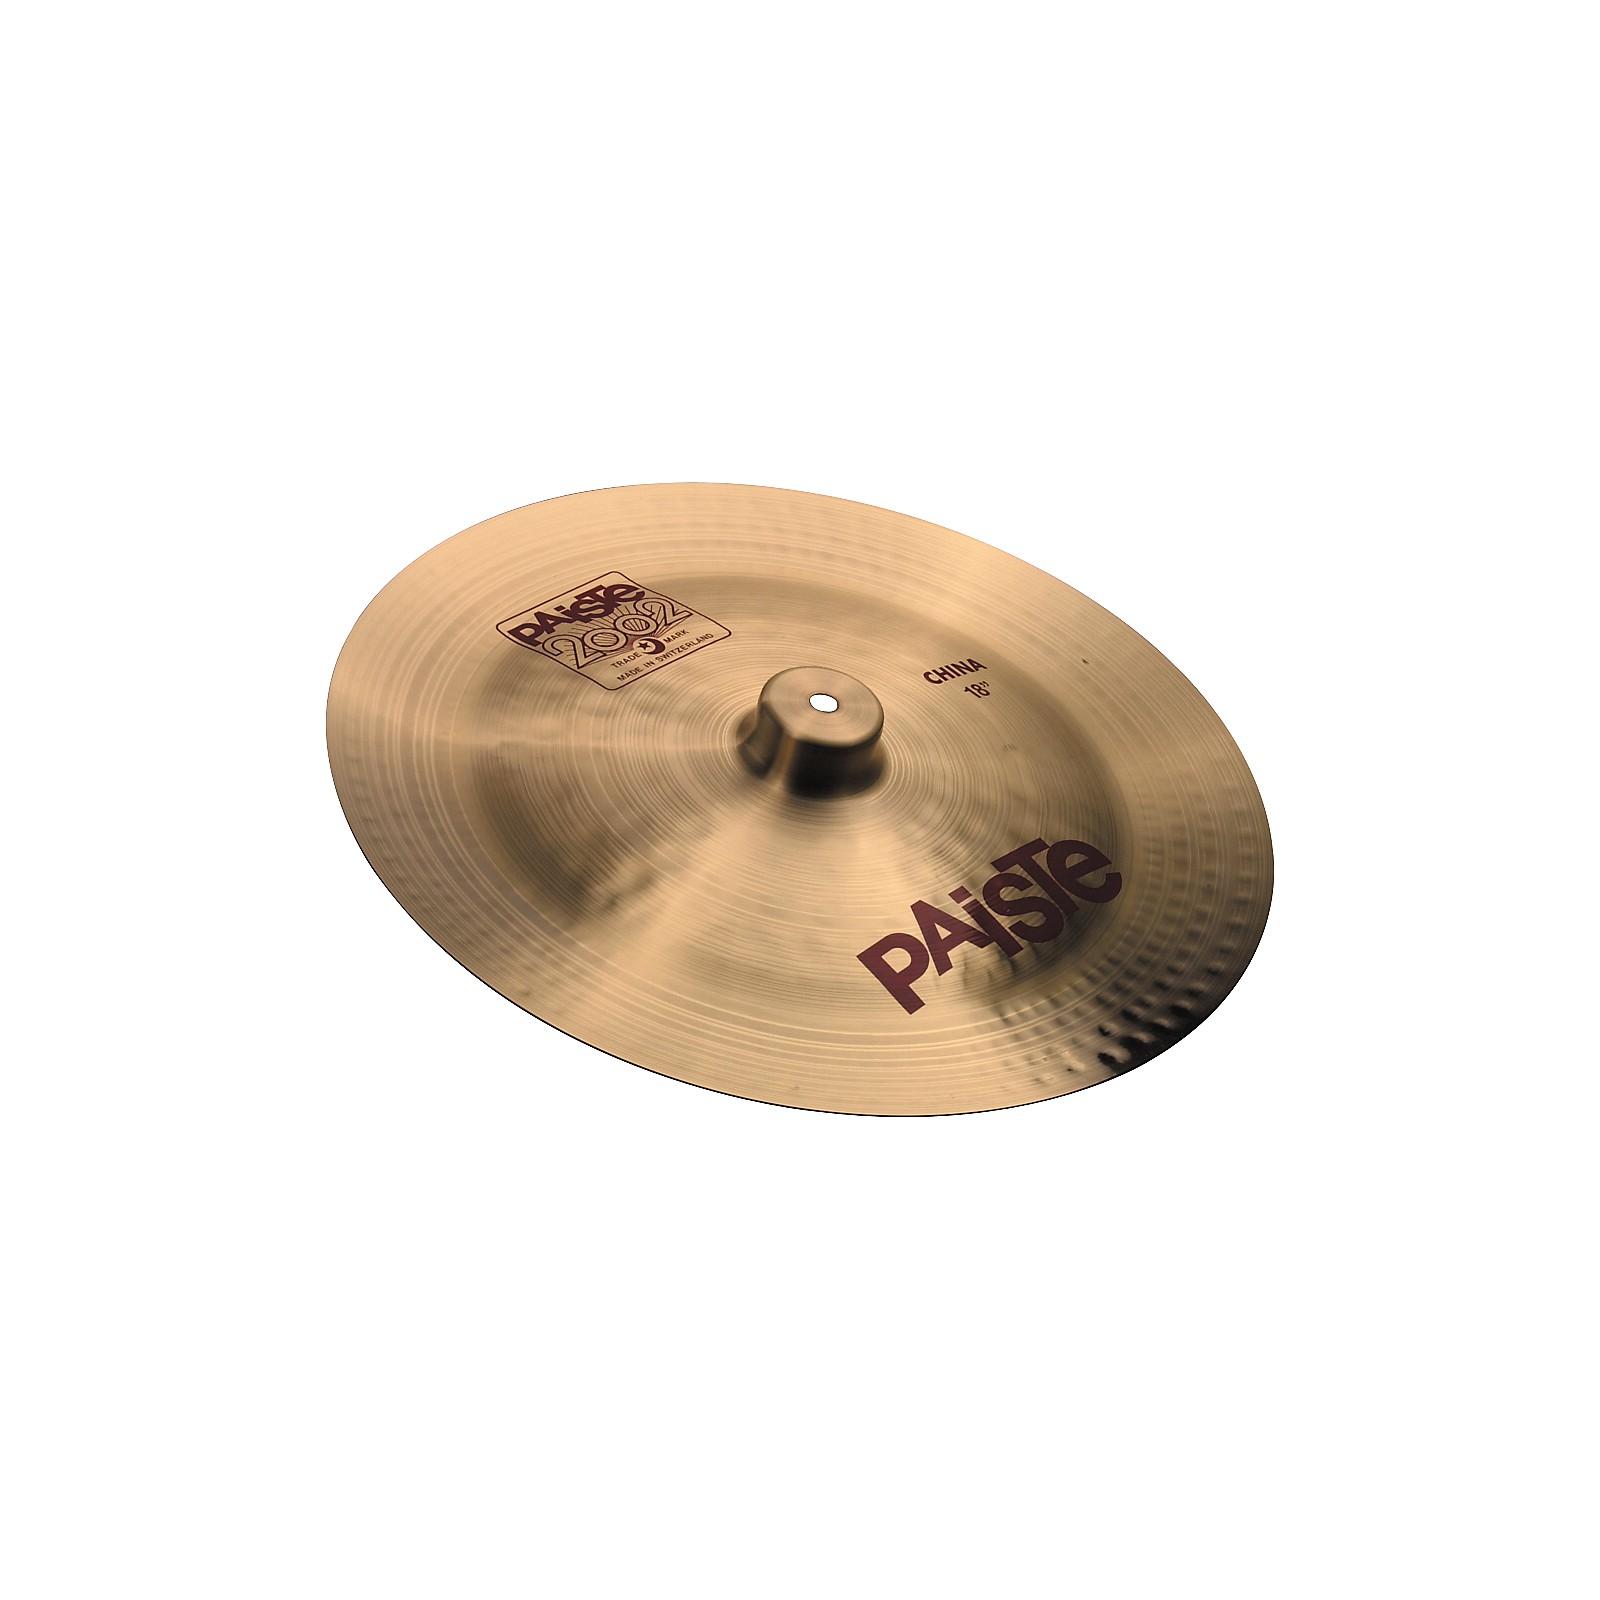 Paiste 2002 China Cymbal